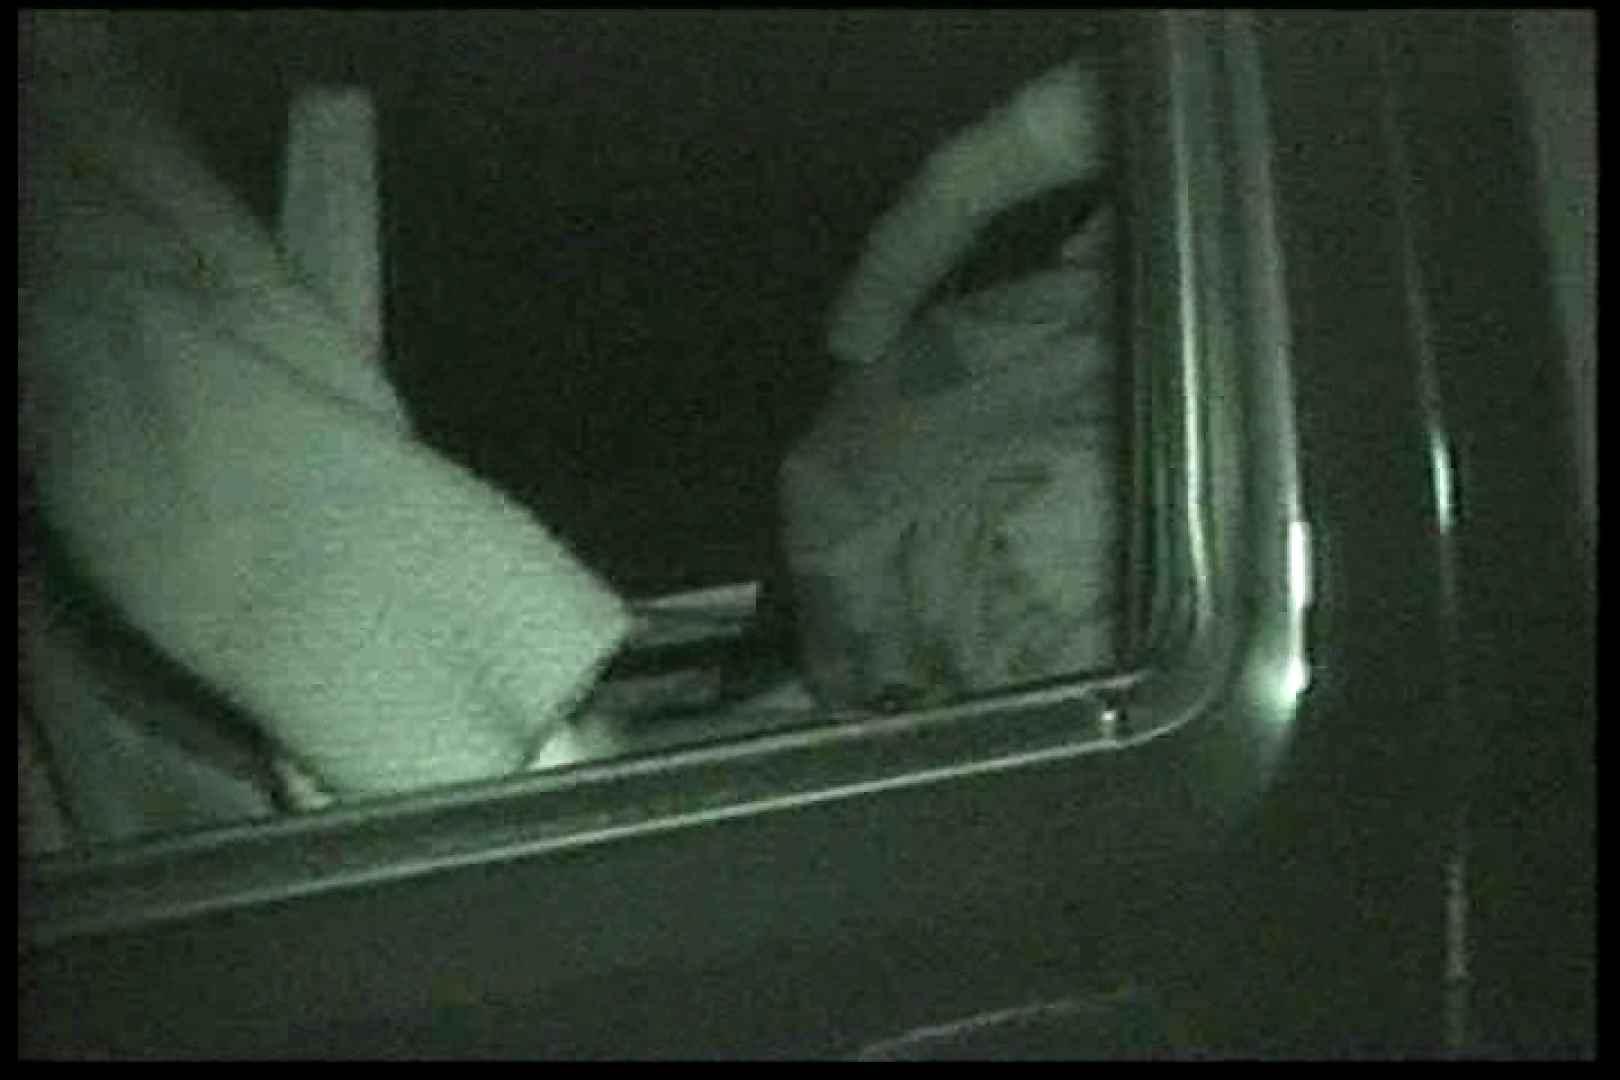 車の中はラブホテル 無修正版  Vol.15 OLの実態 覗きワレメ動画紹介 89pic 2